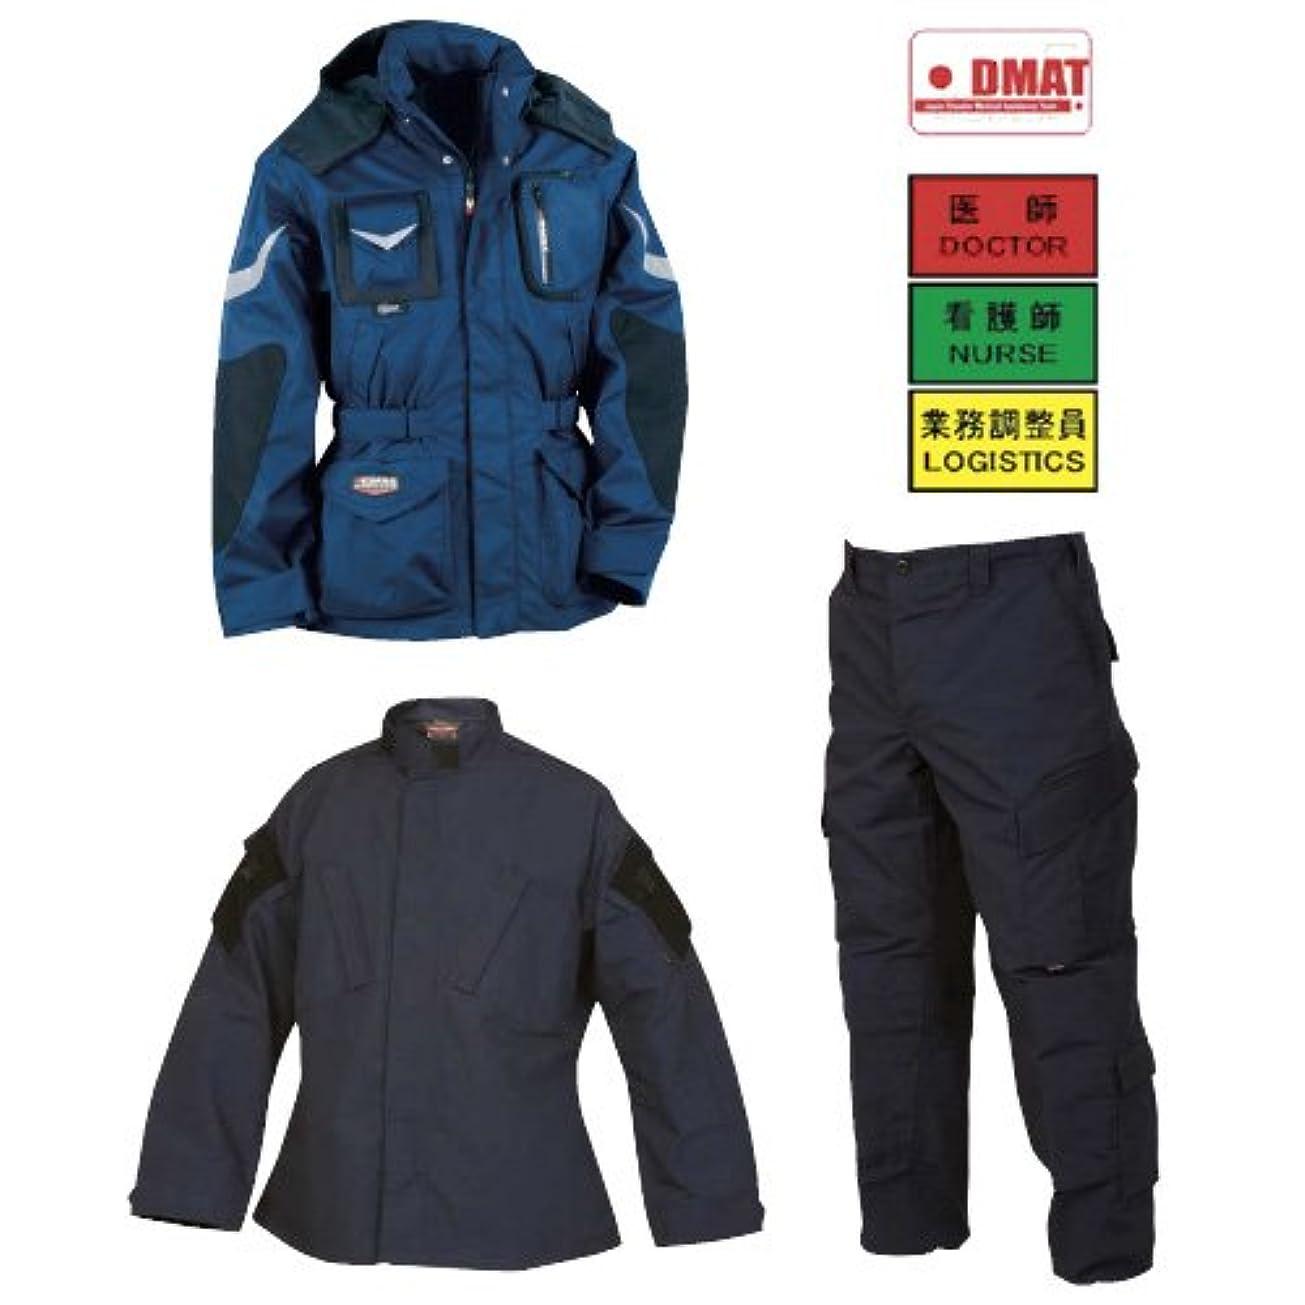 予言する軽食グラムEMSユーティリティシャツ GLS-247S(L) EMS?????????? ブラック(23-7533-02-02)【日本特装】[1枚単位]